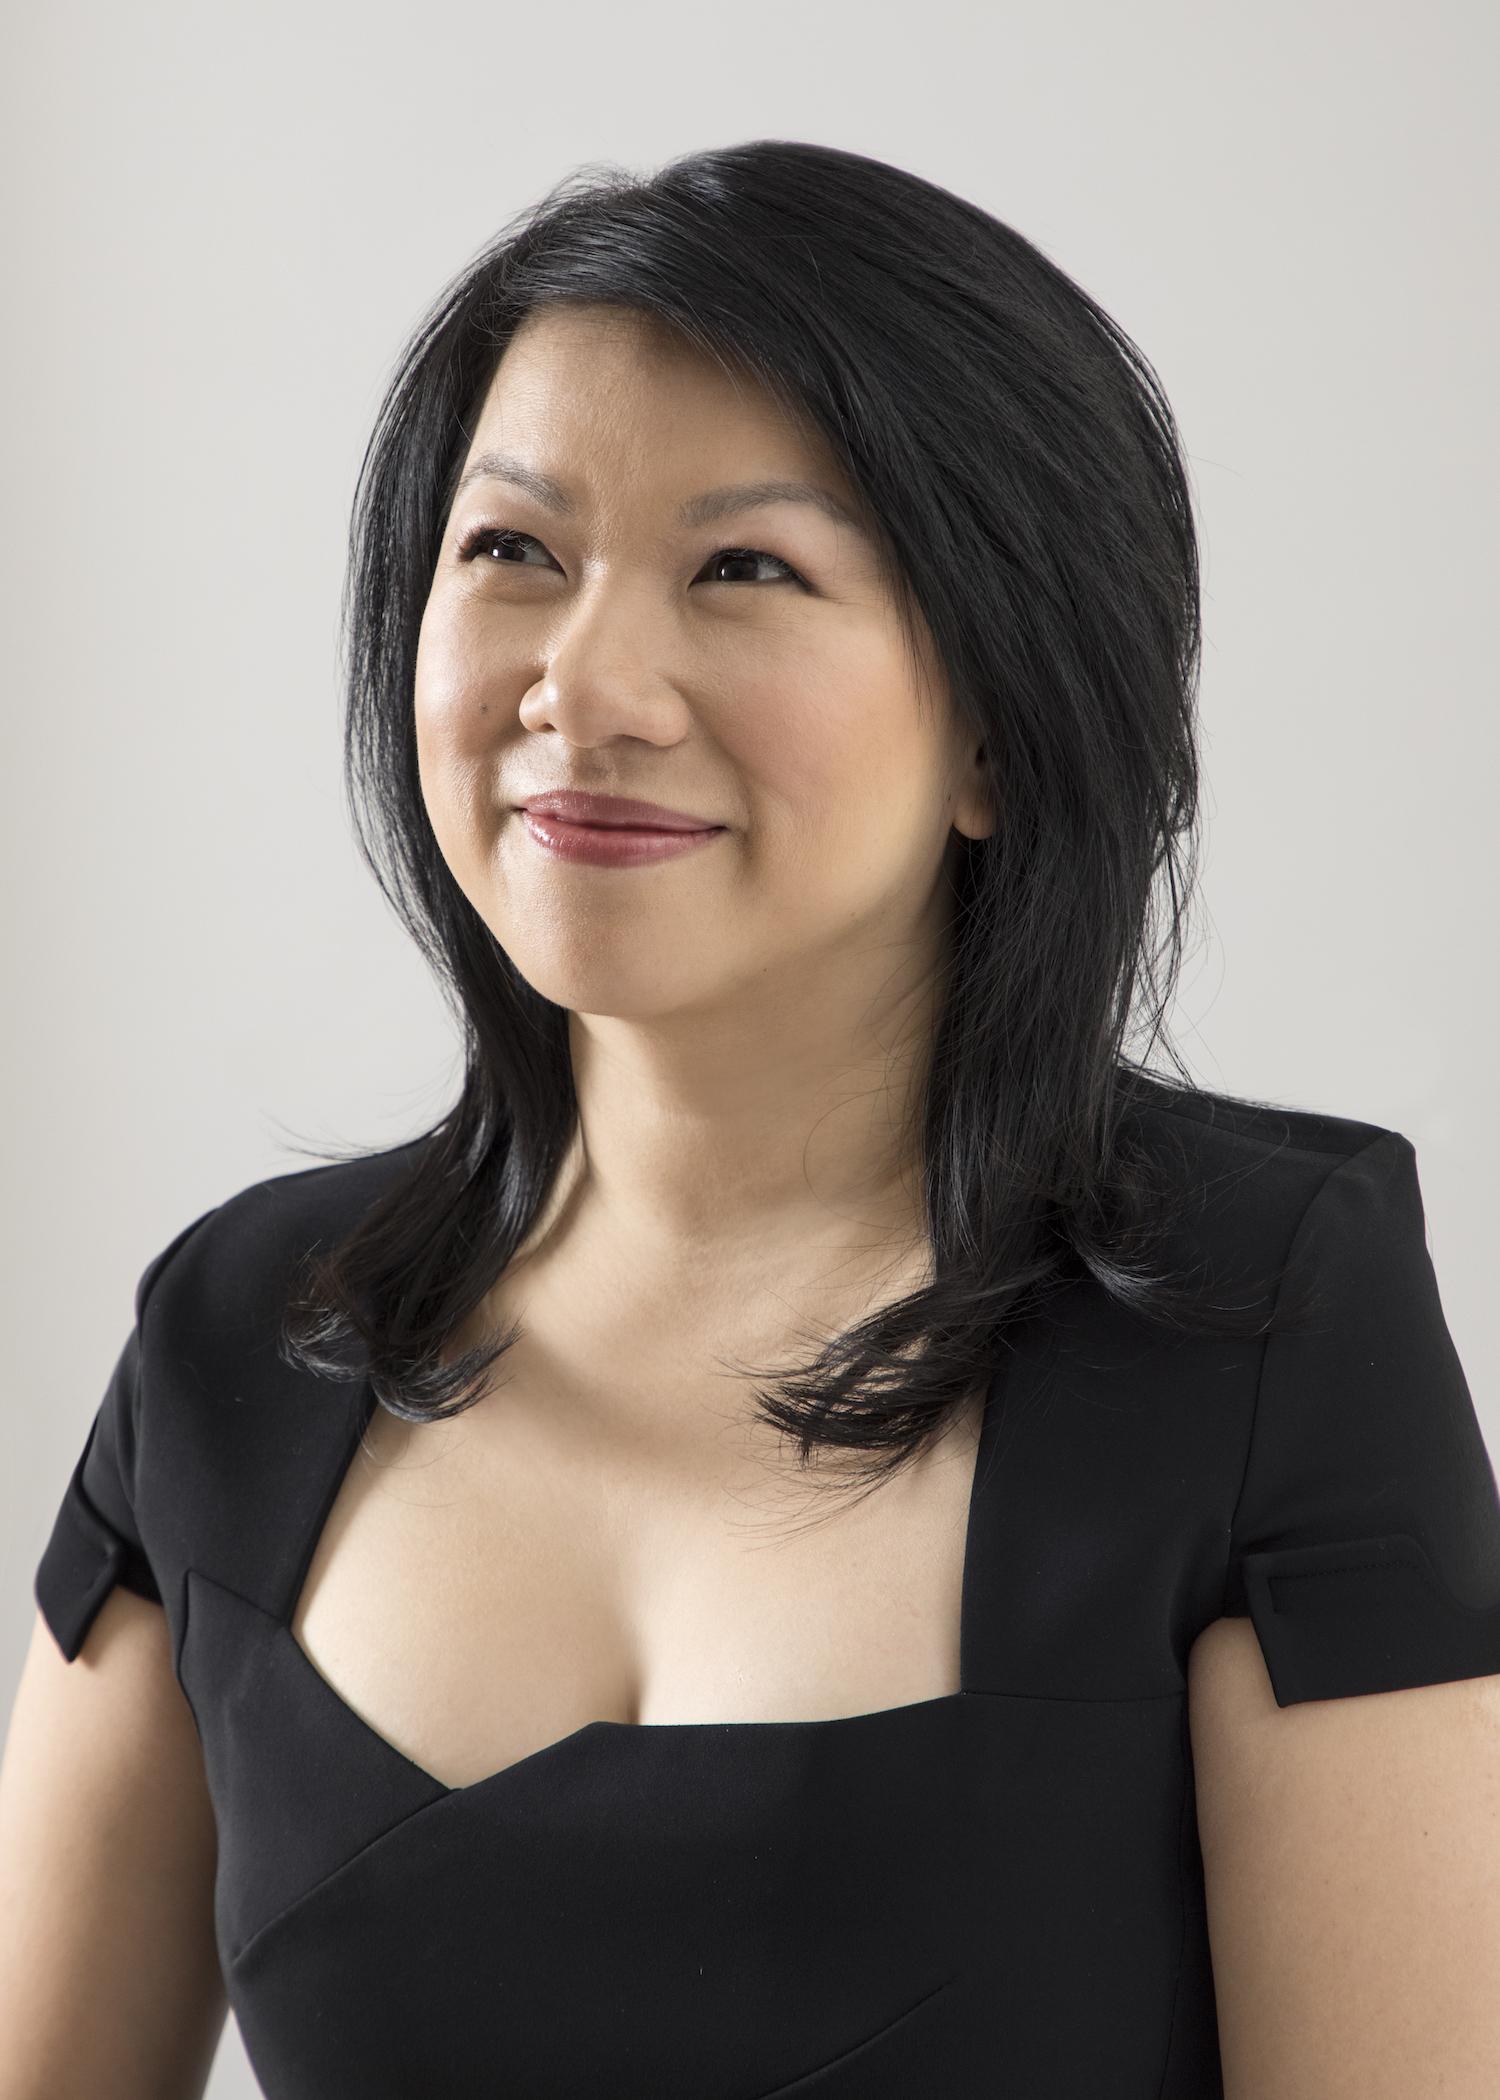 Shan-Lyn Ma, Co-Founder, ZOLA